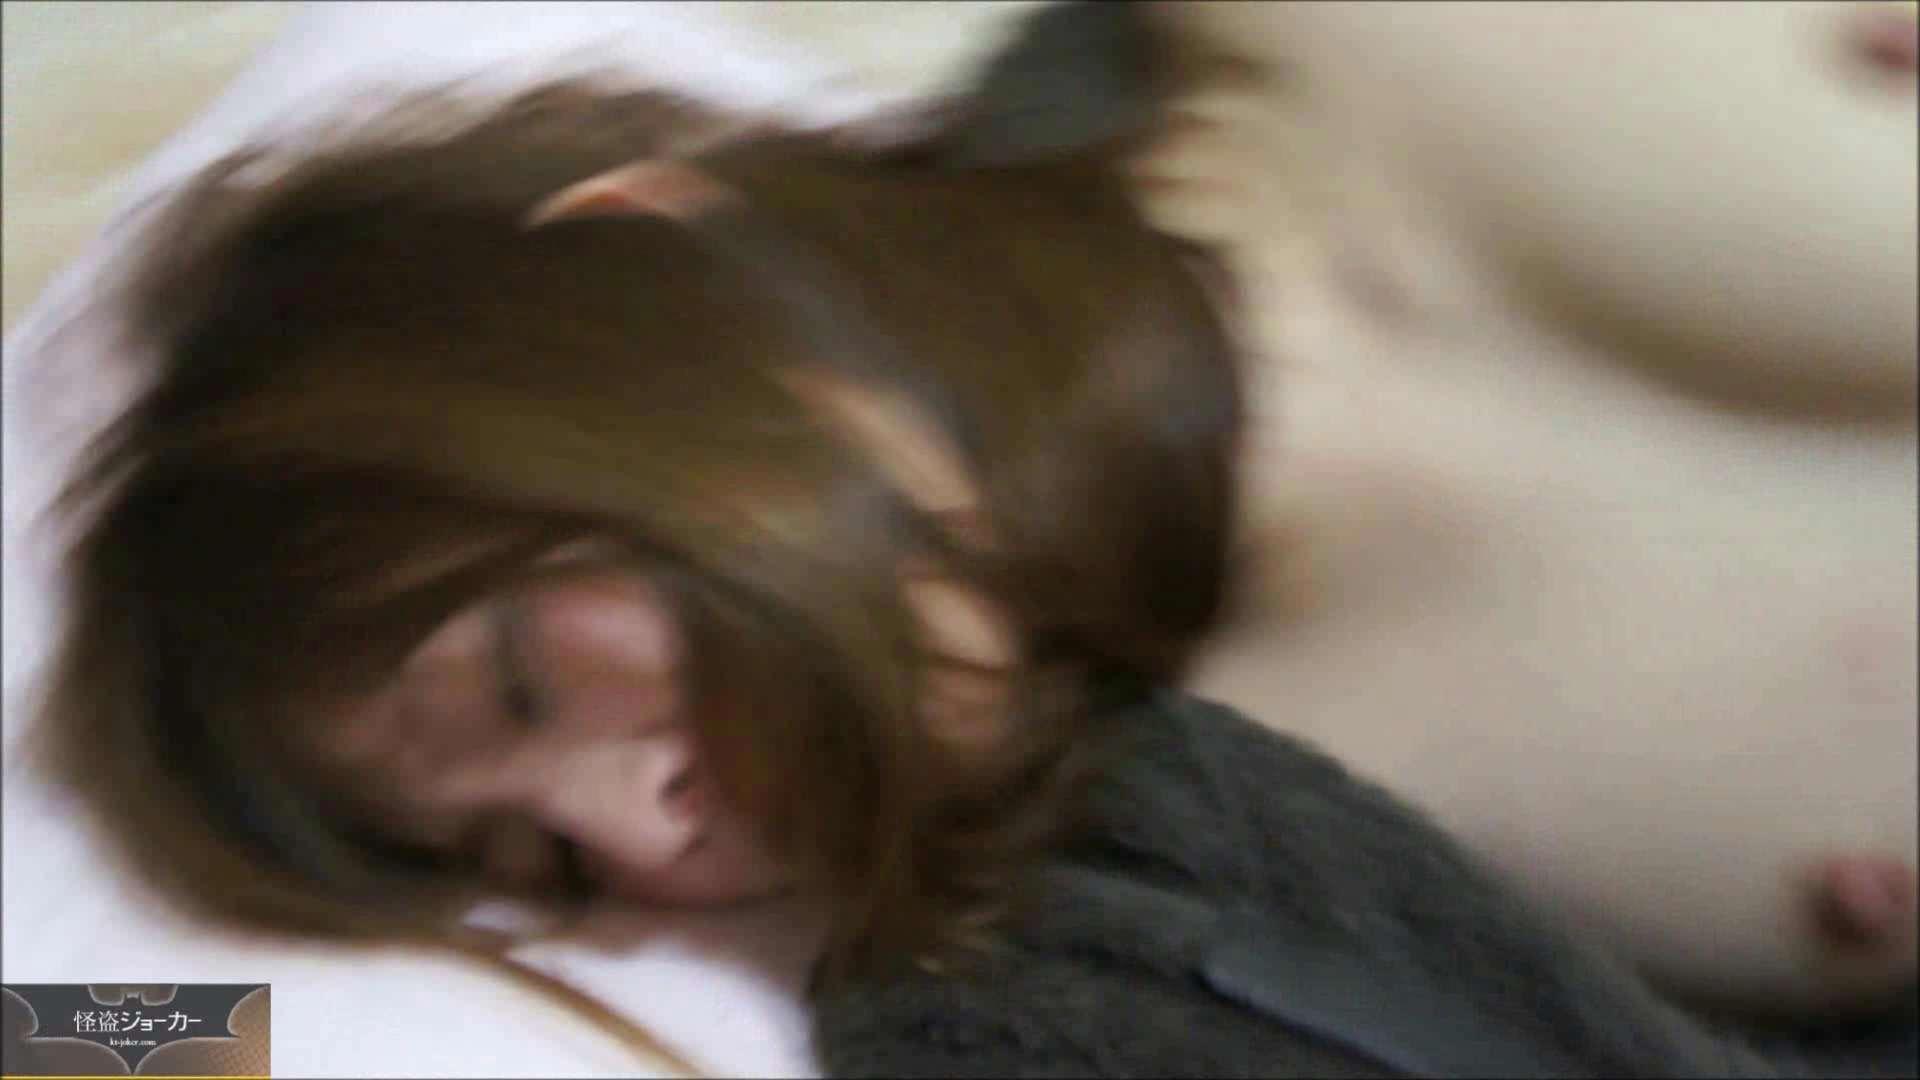 【未公開】vol.27 【ユリナの同級生】朋葉ちゃんを我が家で・・・ 美乳 | OLの実態  65pic 49